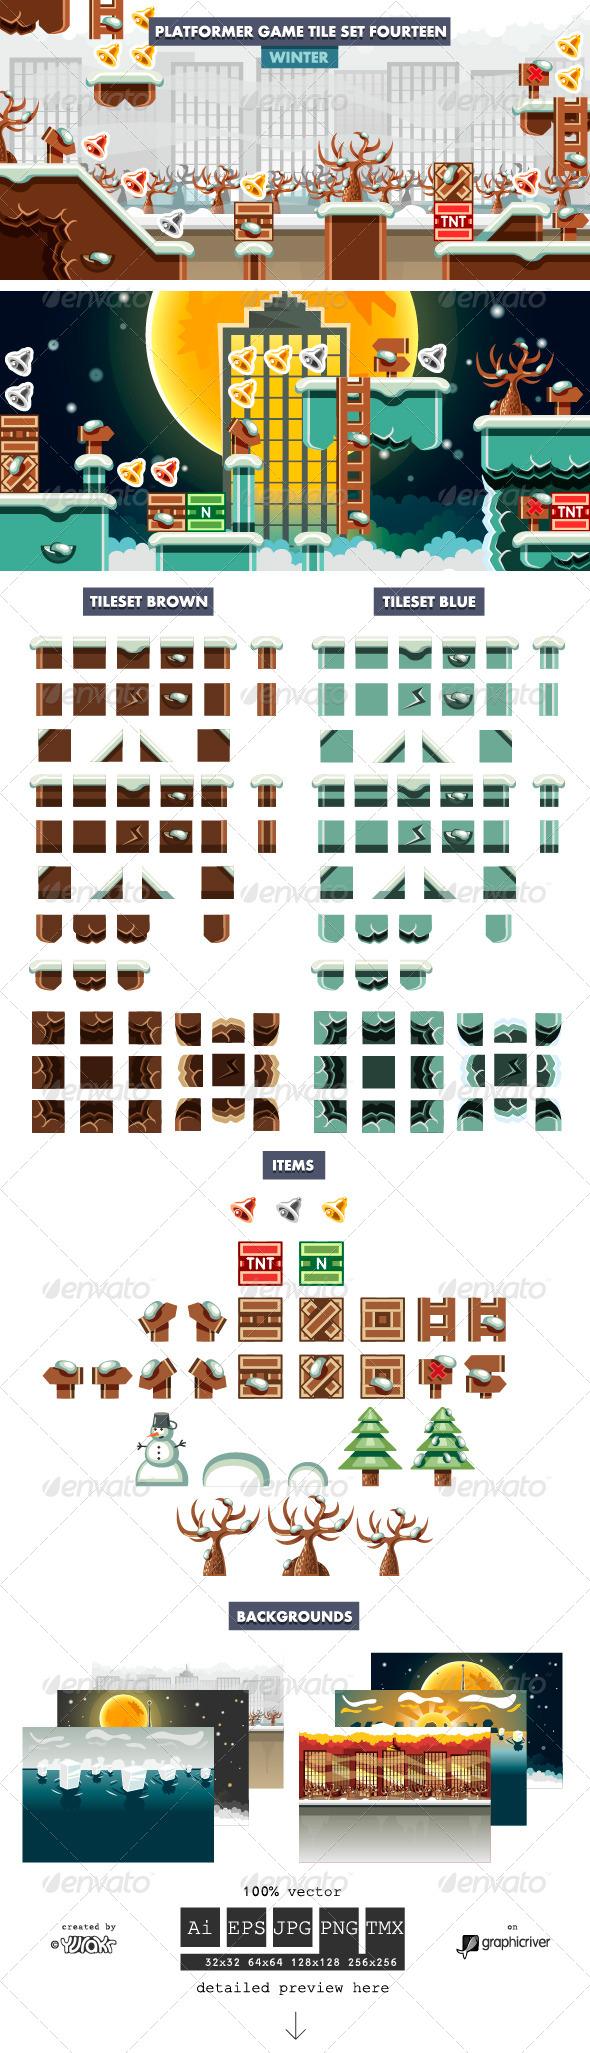 GraphicRiver Platformer Game Tile Set Fourteen 7637363